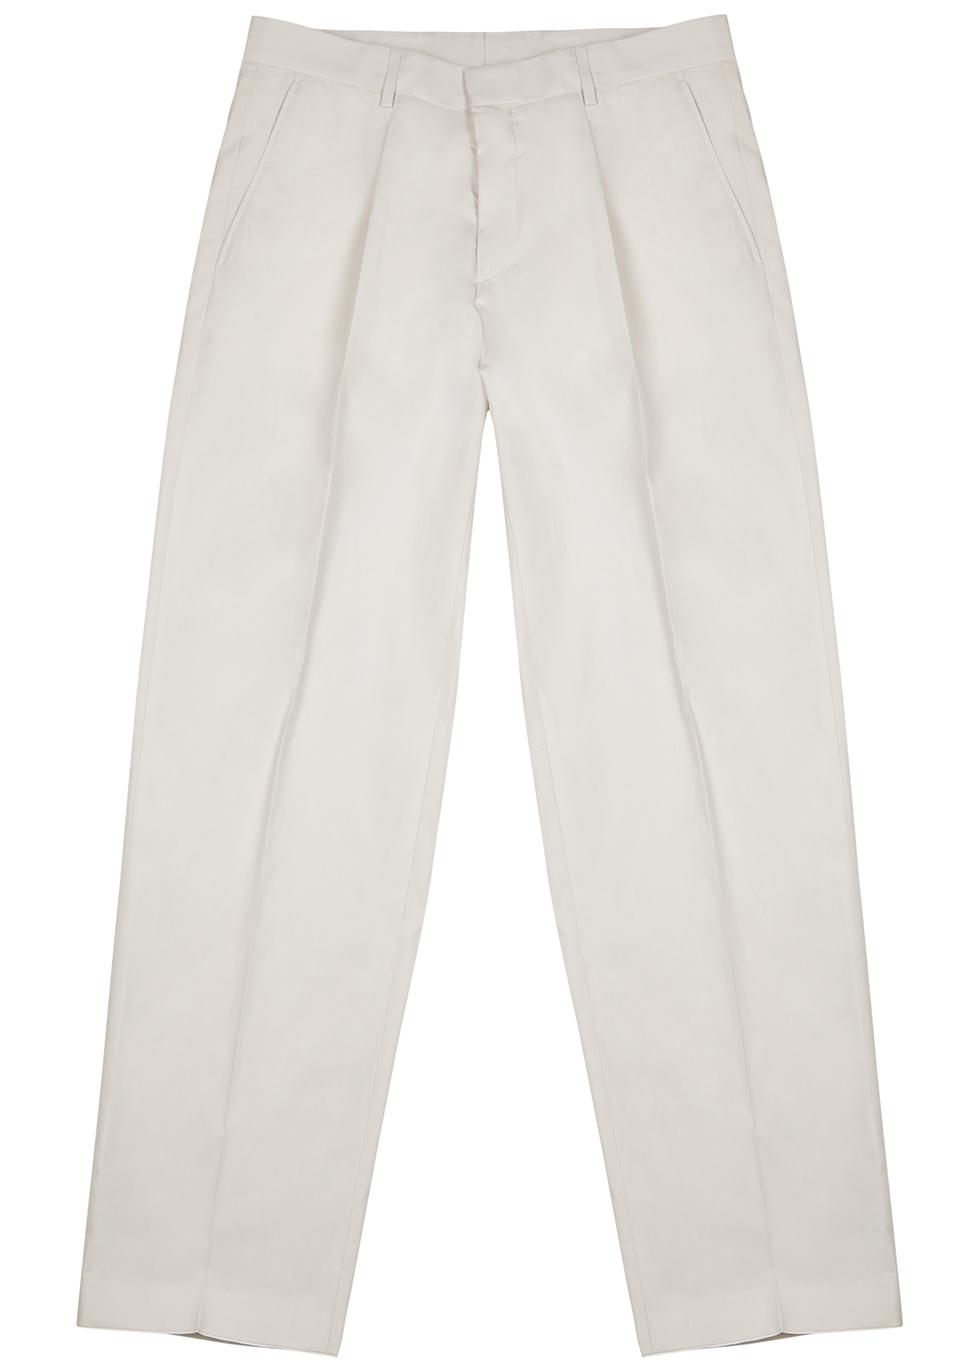 Pero off-white straight-leg cotton trousers